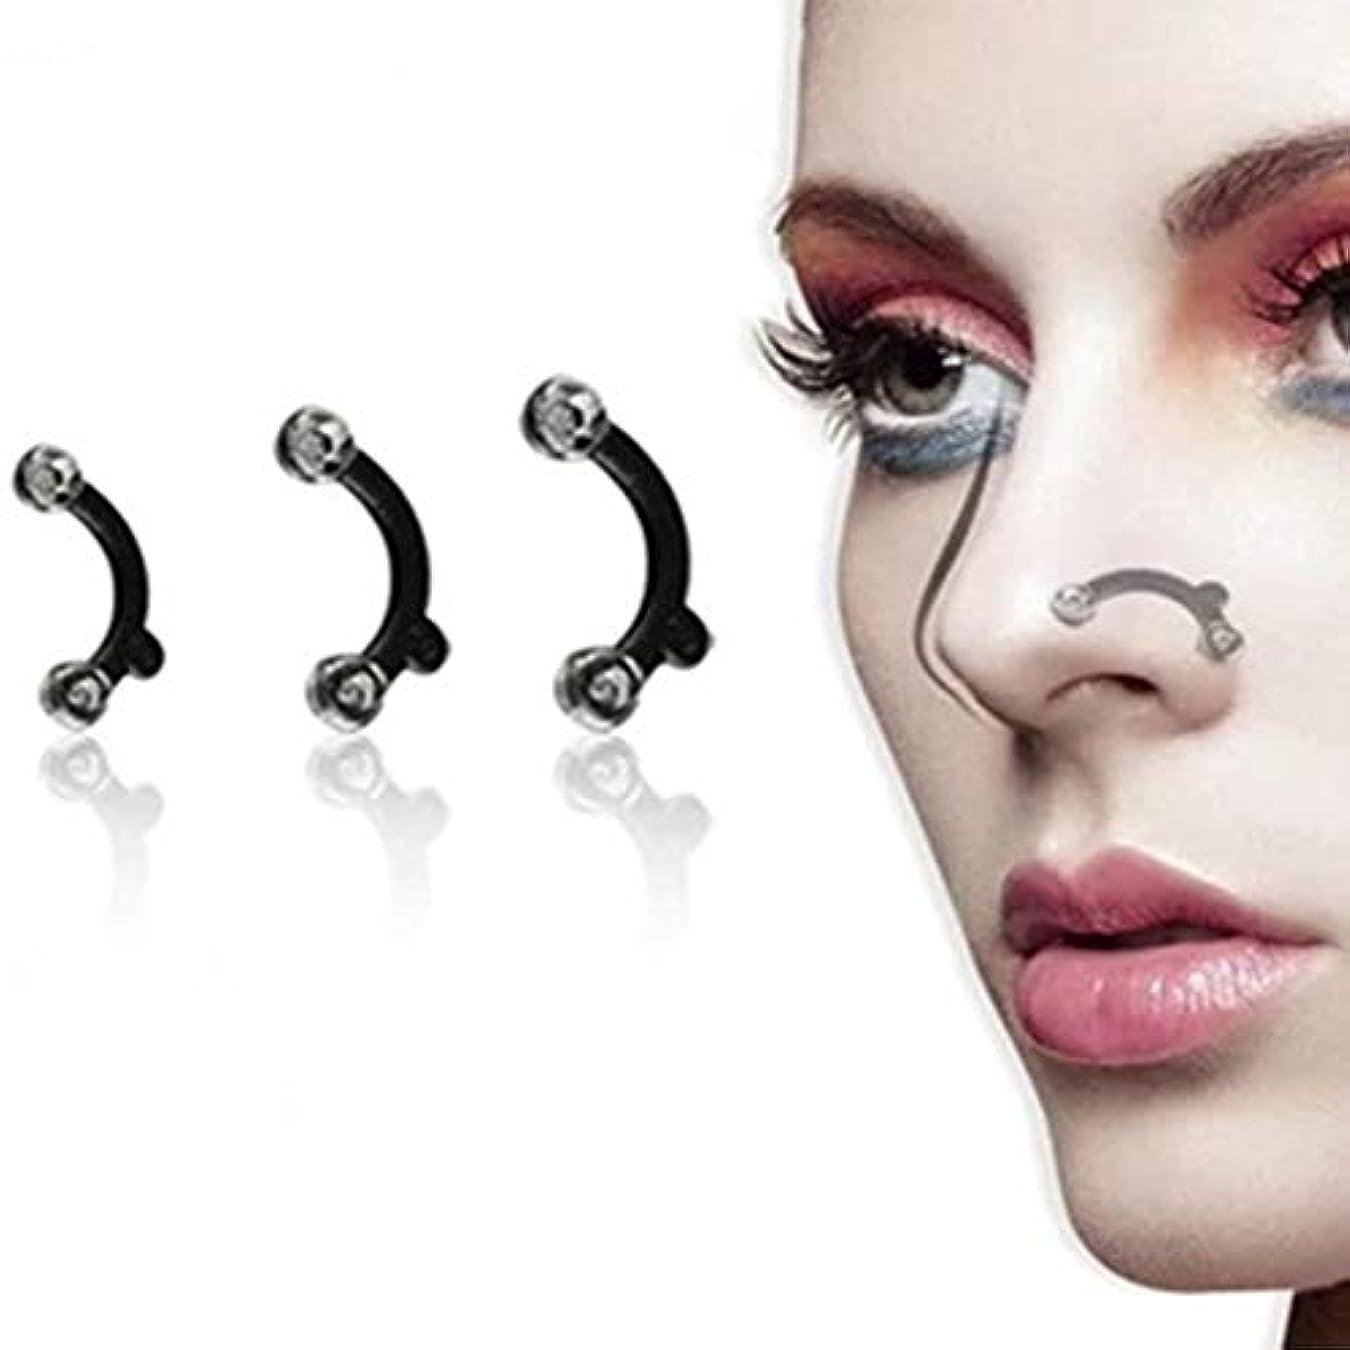 スキップ剣メロンLittleliving 鼻プチ 柔軟性高く ハナのアイプチ ビューティー正規品 矯正プチ 整形せず 23mm/24.5mm/26mm全3サイズセット